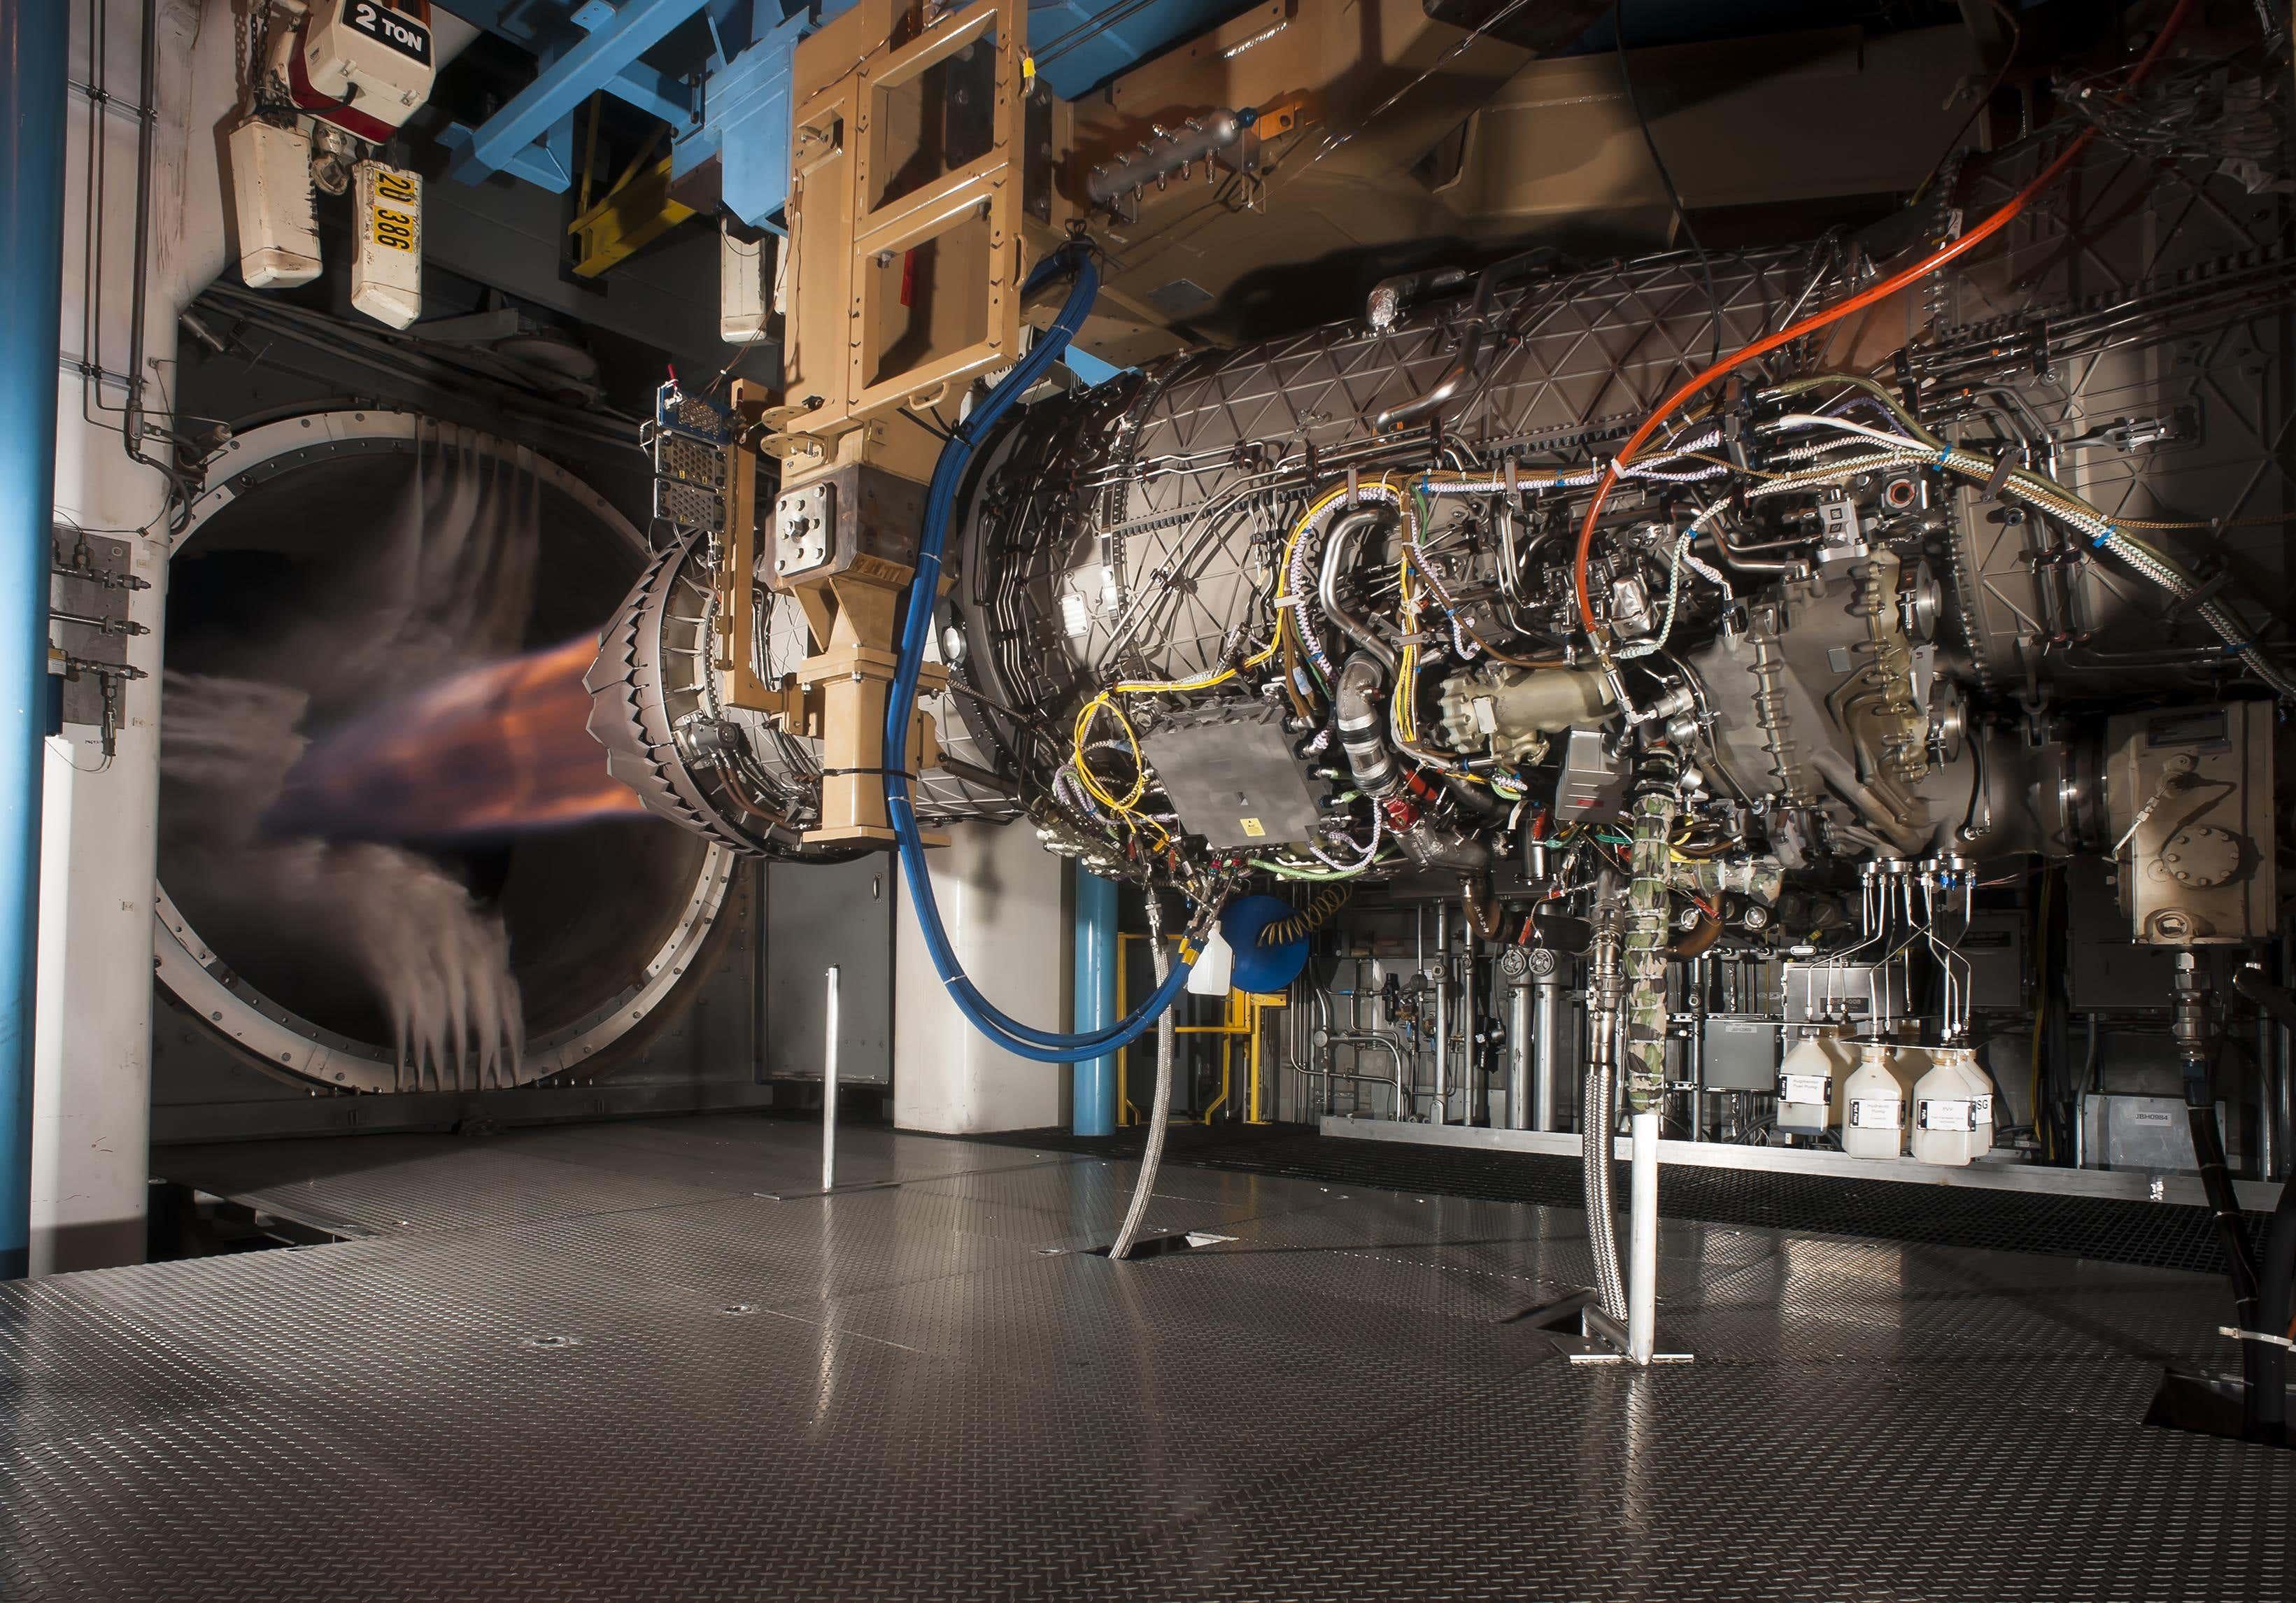 Босс ВВС хочет, чтобы истребитель с чистым листом, менее продвинутый, чем F-35, заменил F-16